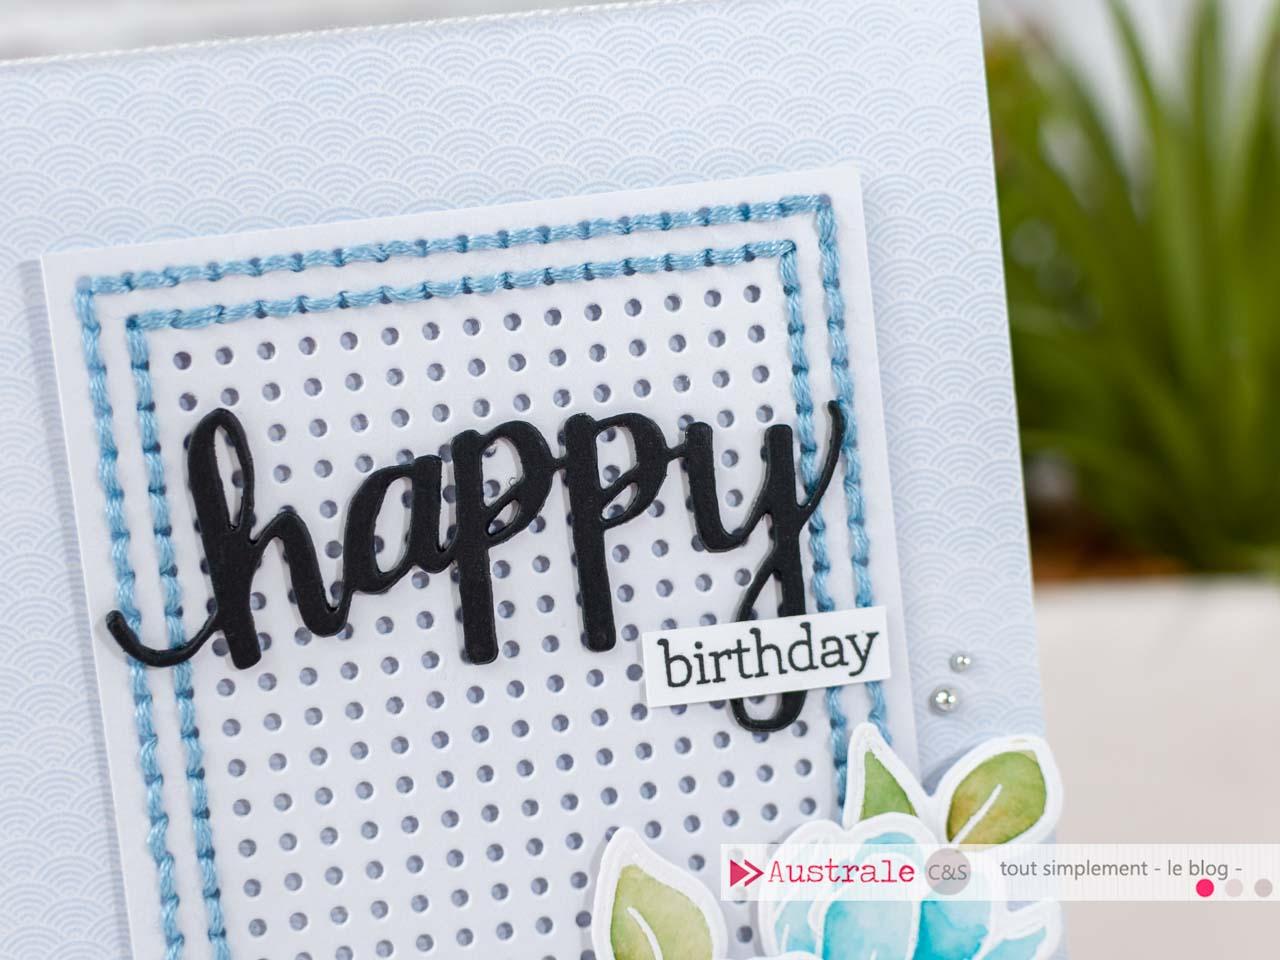 Création d'une carte d'anniversaire avec cadre brodé à la main et fleurs embossées et mises en couleurs à l'aquarelle.